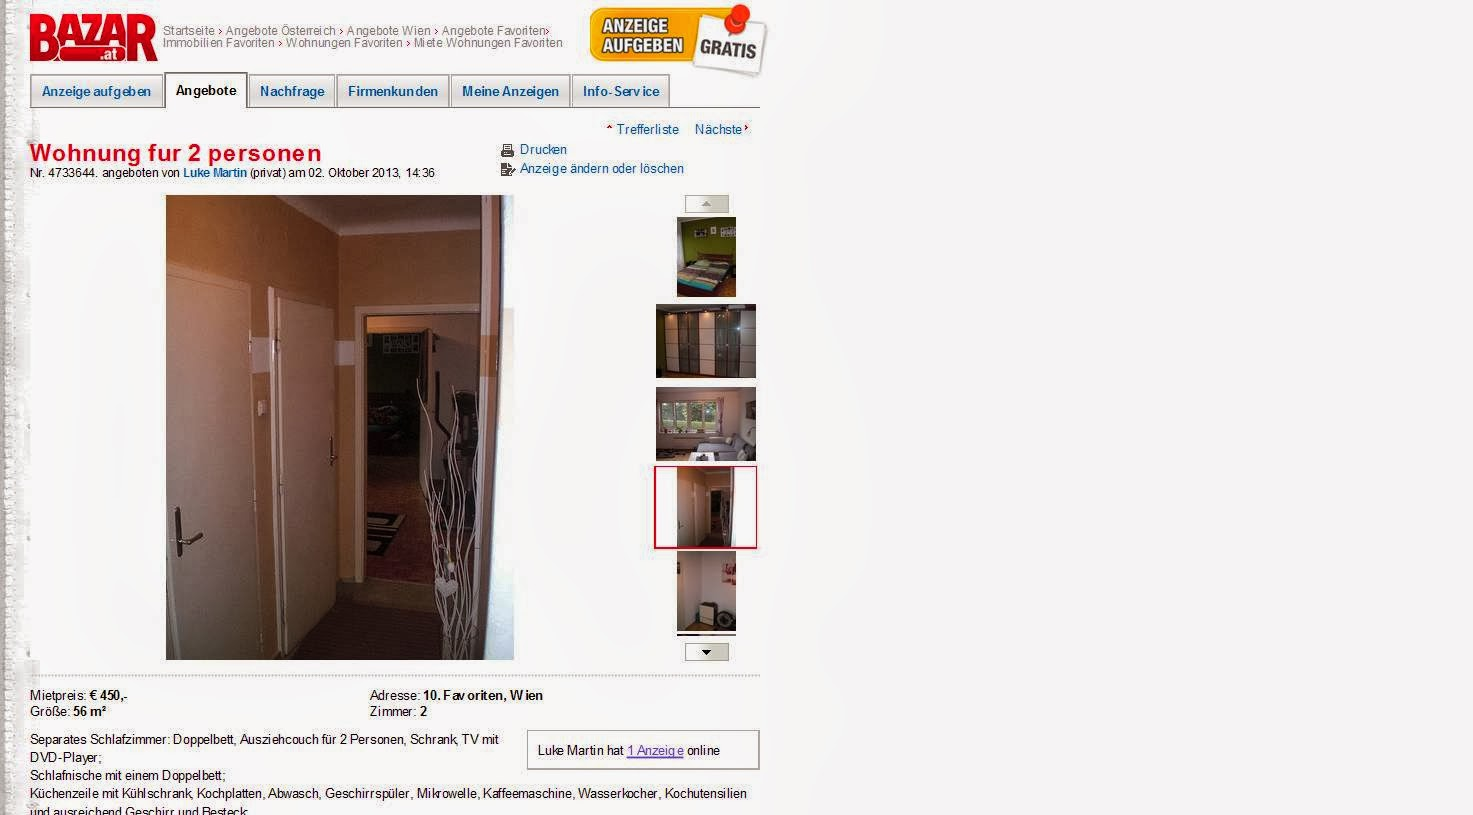 Wohnungsbetrug.blogspot.com: Wohnung Fur 2 Personen 10